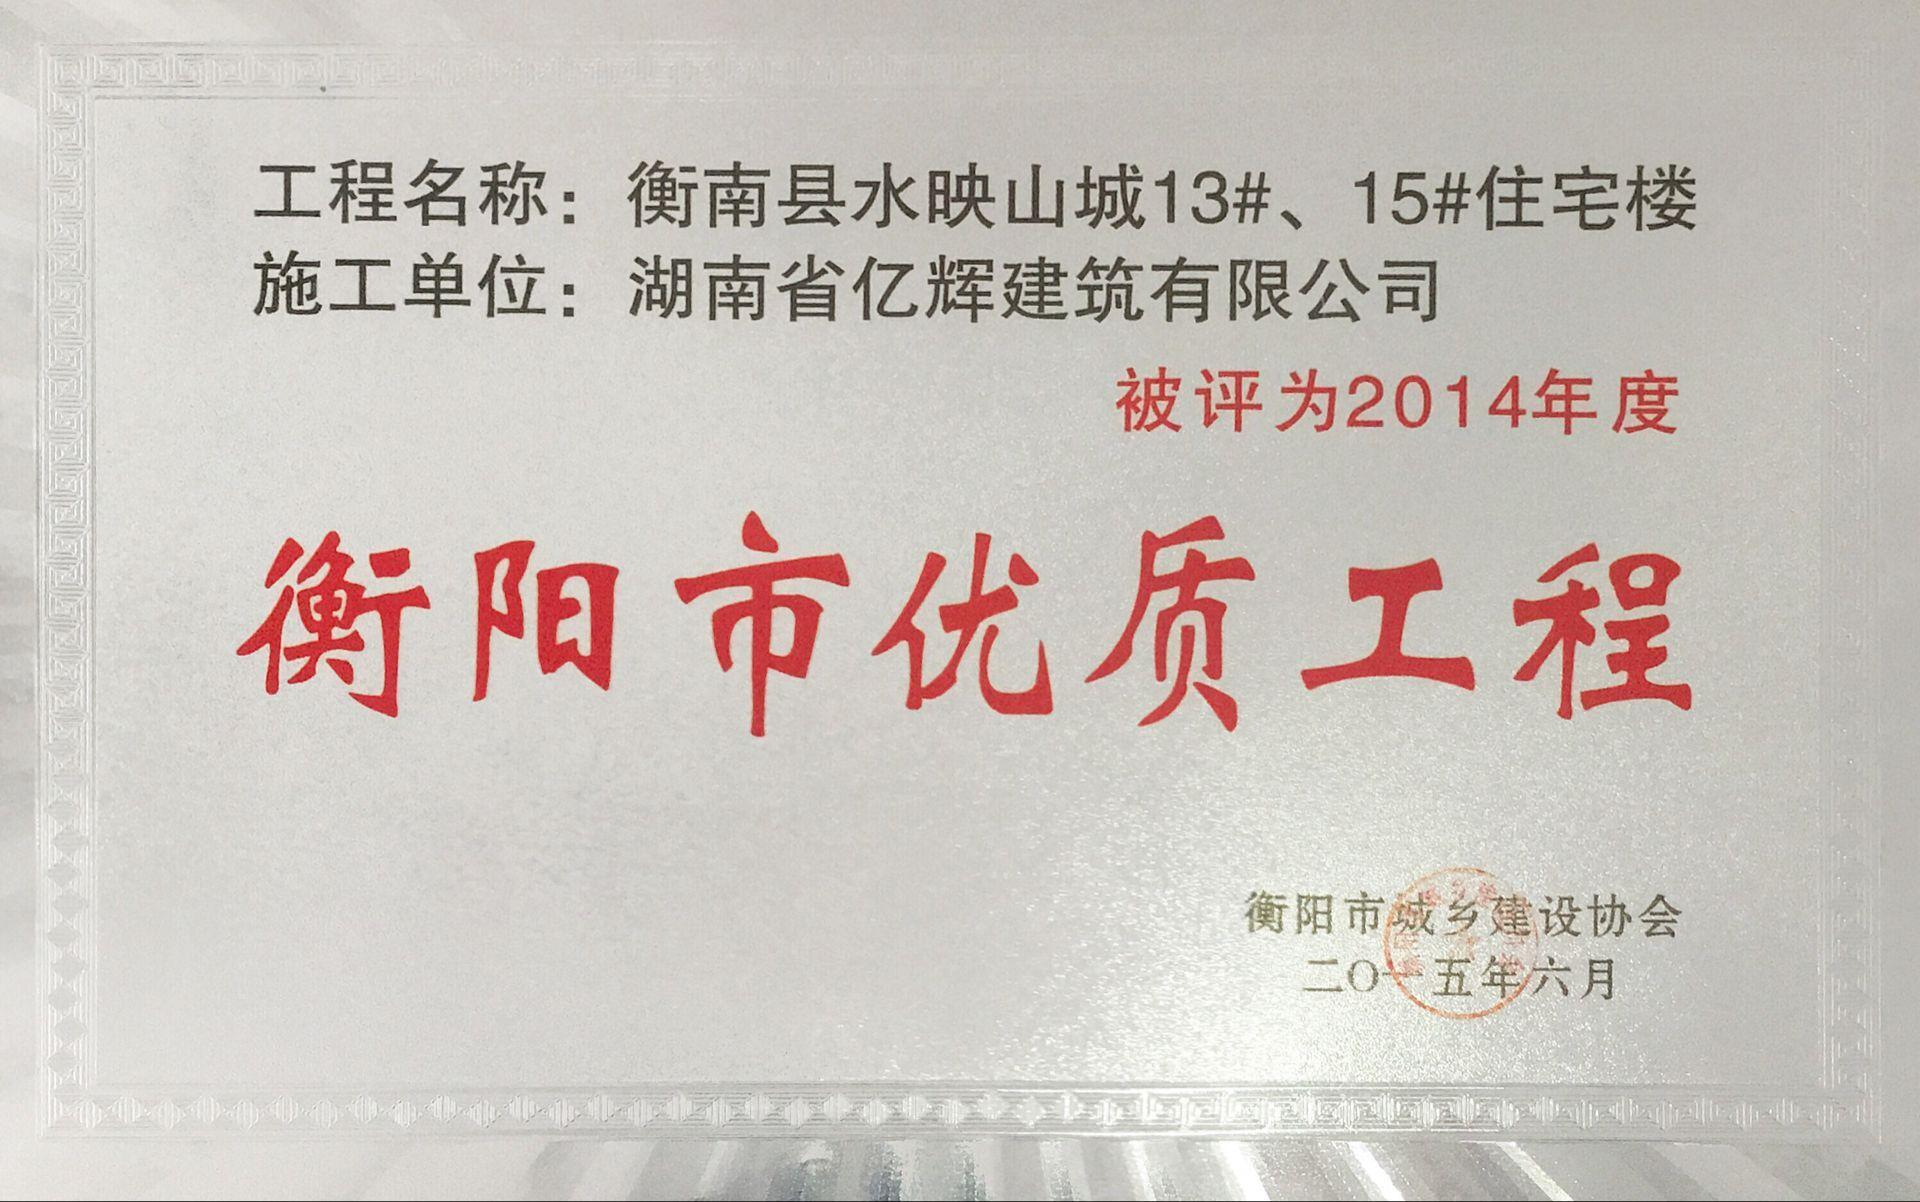 衡阳市2014年度优质万博体育max手机登录版